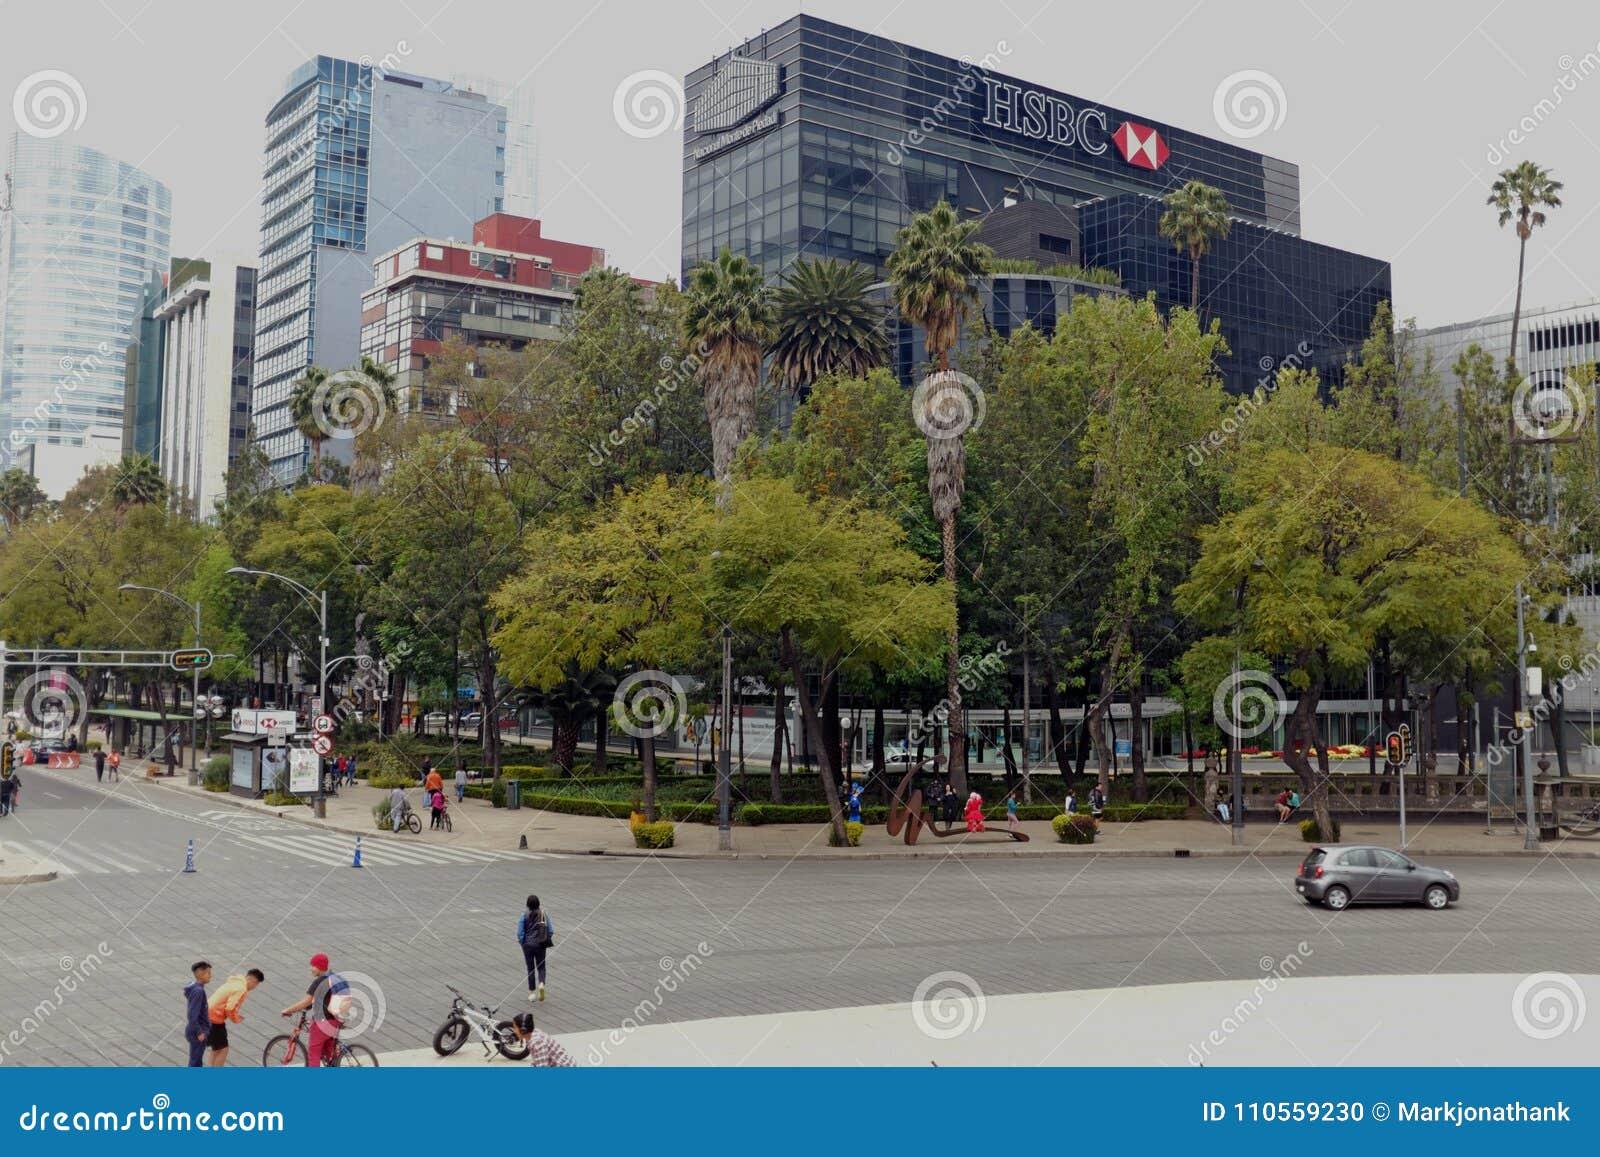 HSBC Bank On Paseo De La Reforma In Mexico City, Mexico  Editorial